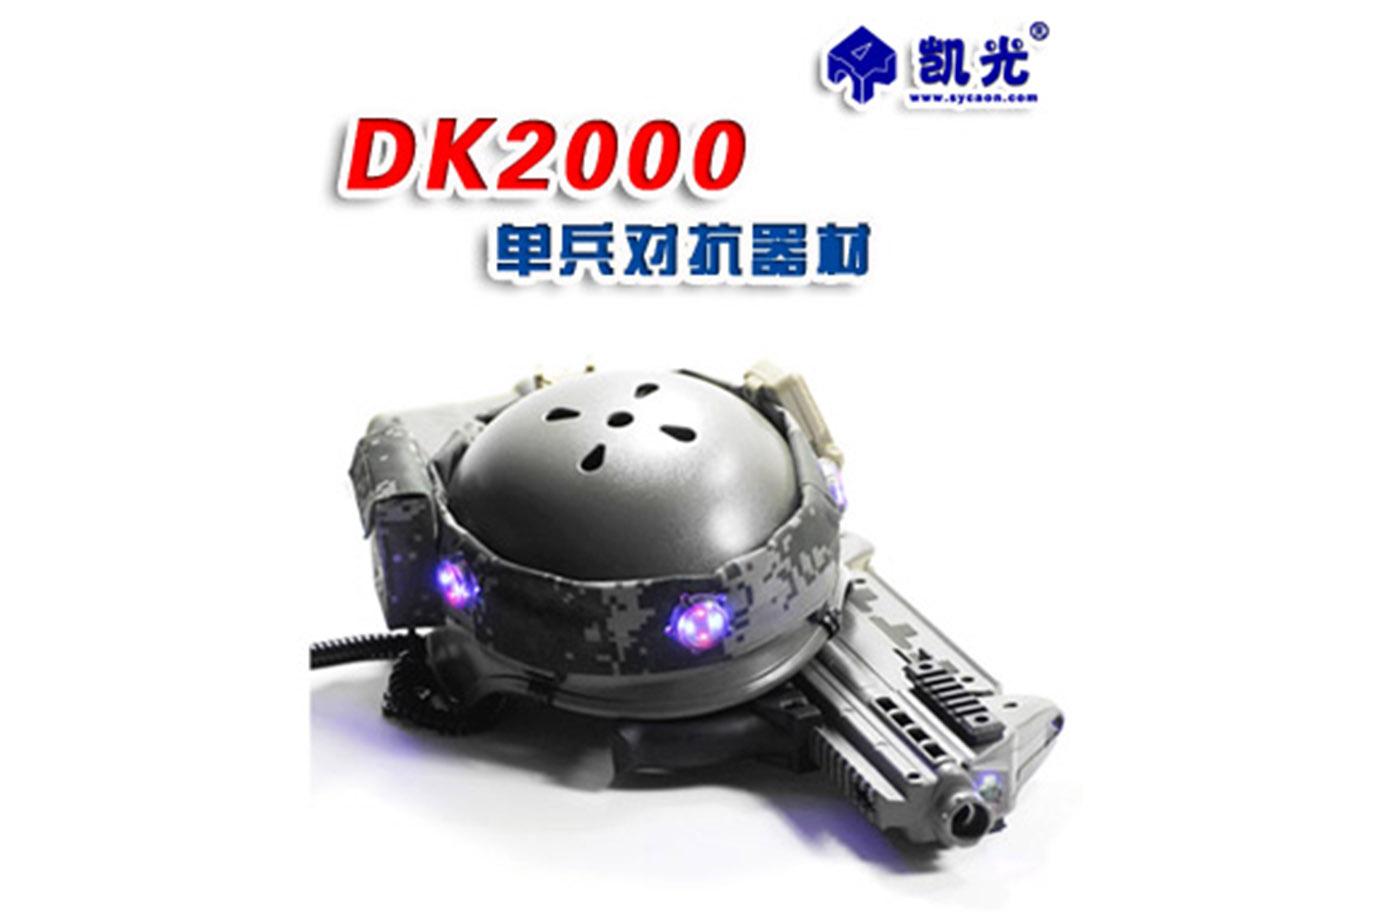 DK2000-TLC3单兵器材套装